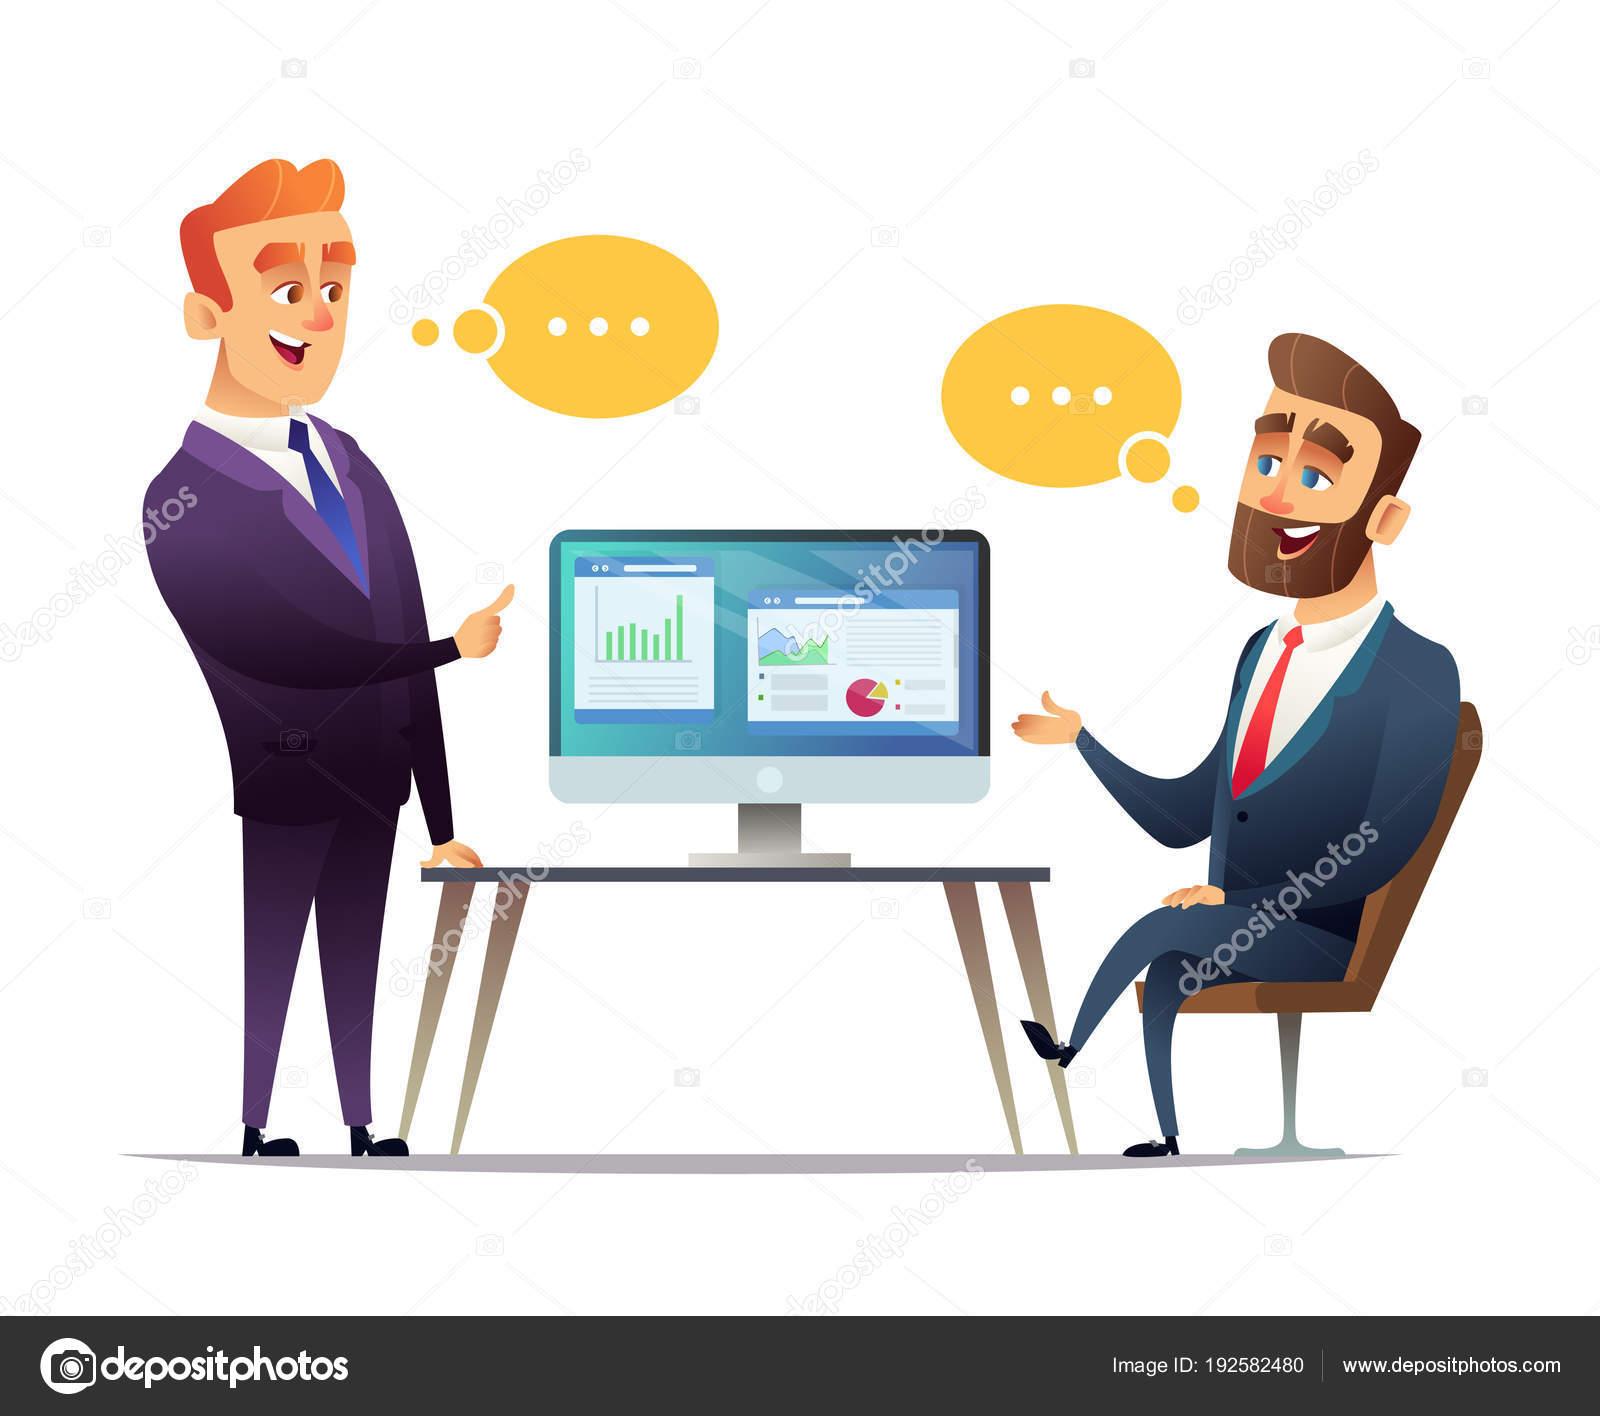 Идеи ведение бизнеса готовые бизнес планы агентства